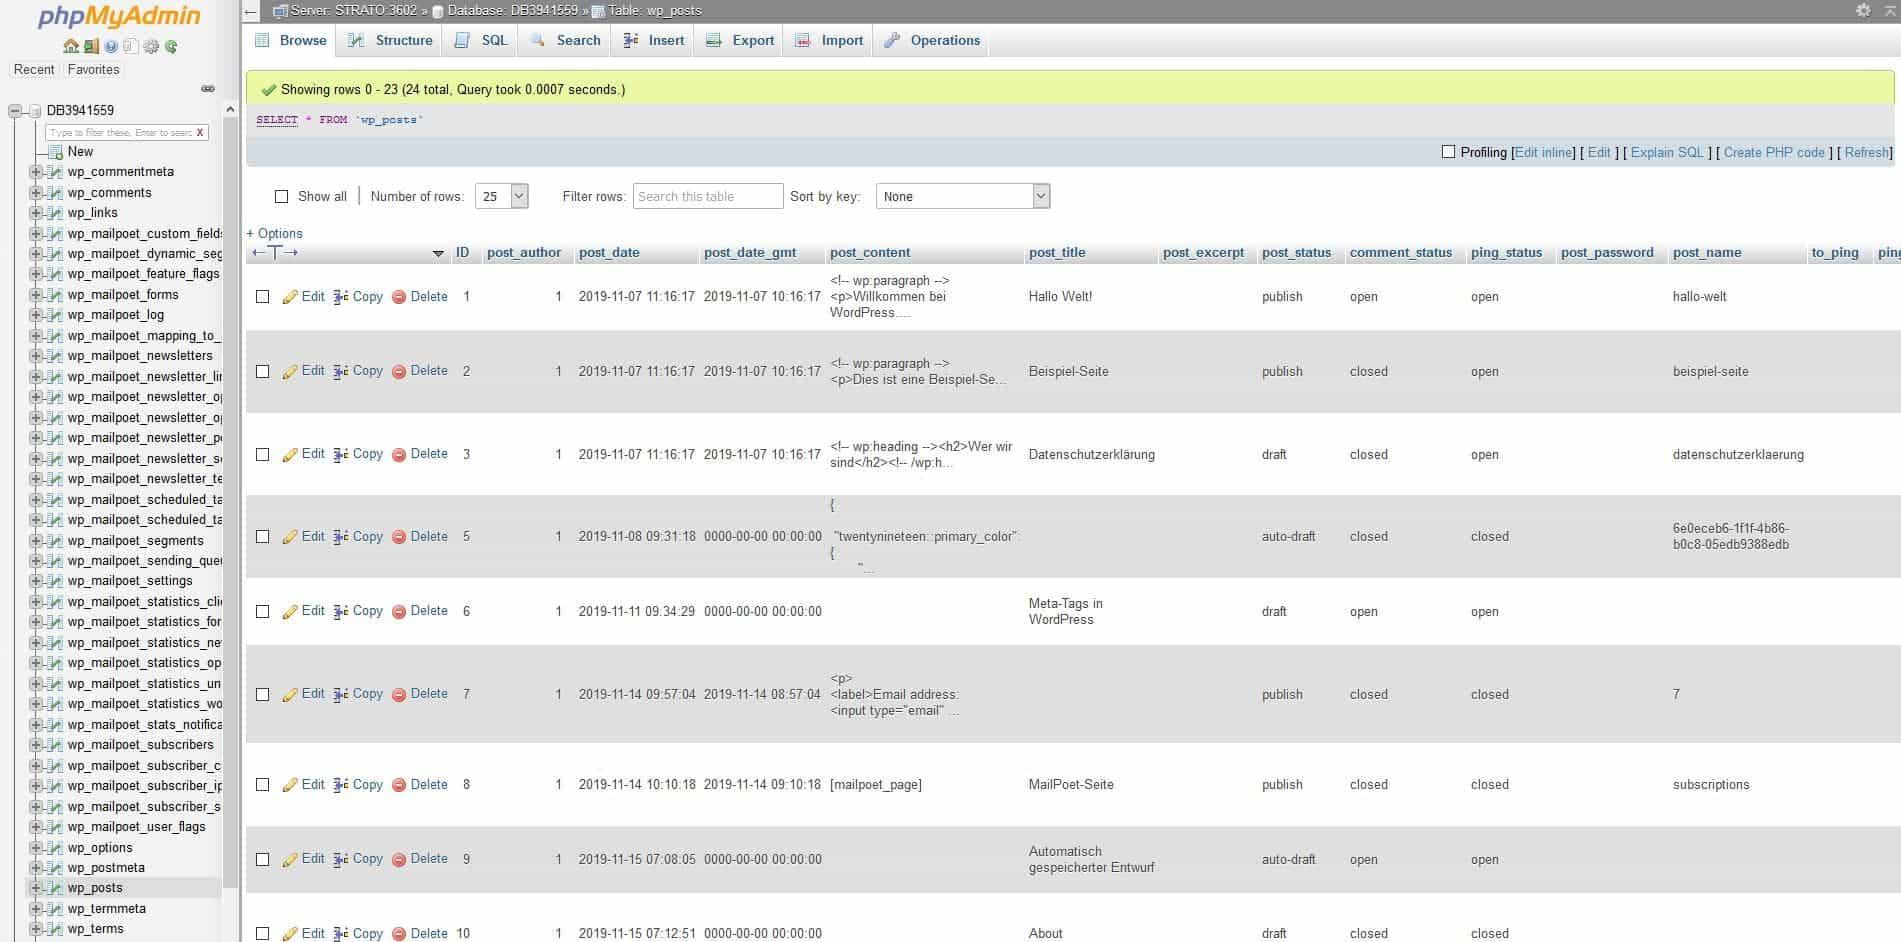 Eine Übersicht in der WordPress-Datenbank über alle gespeicherten Posts